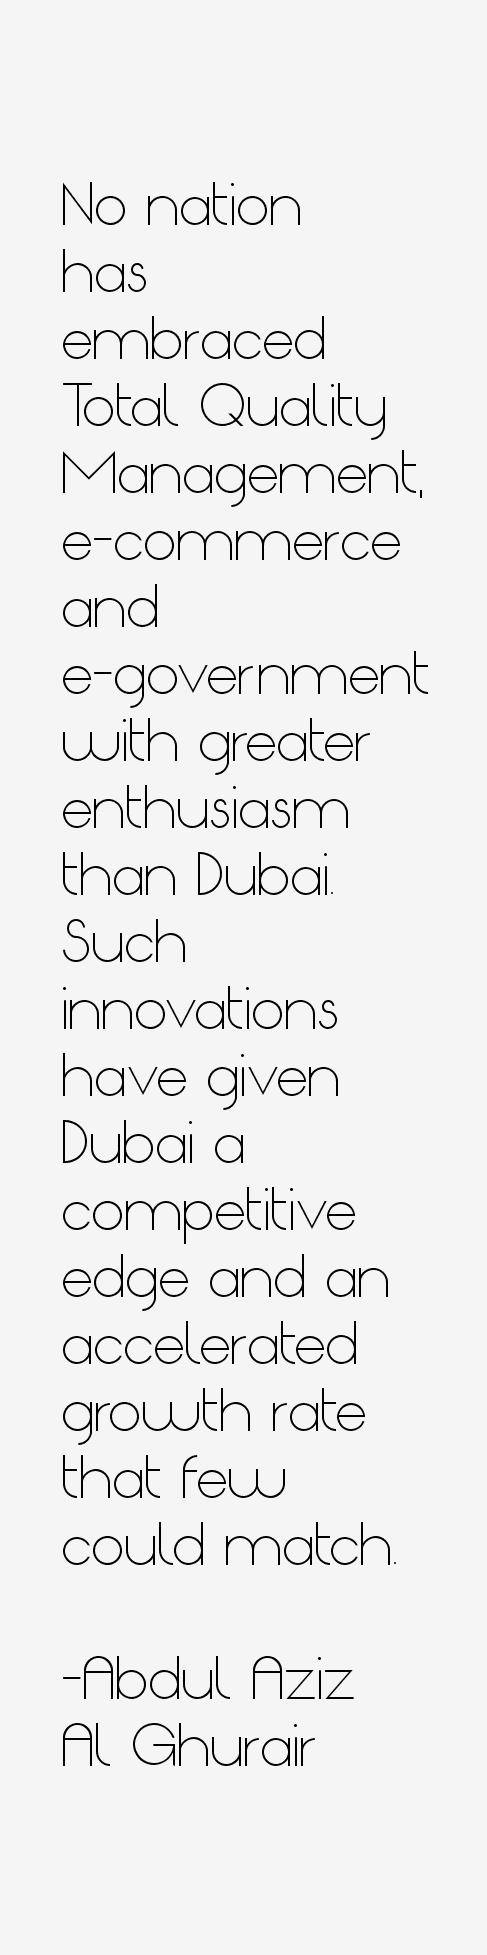 Abdul Aziz Al Ghurair Quotes